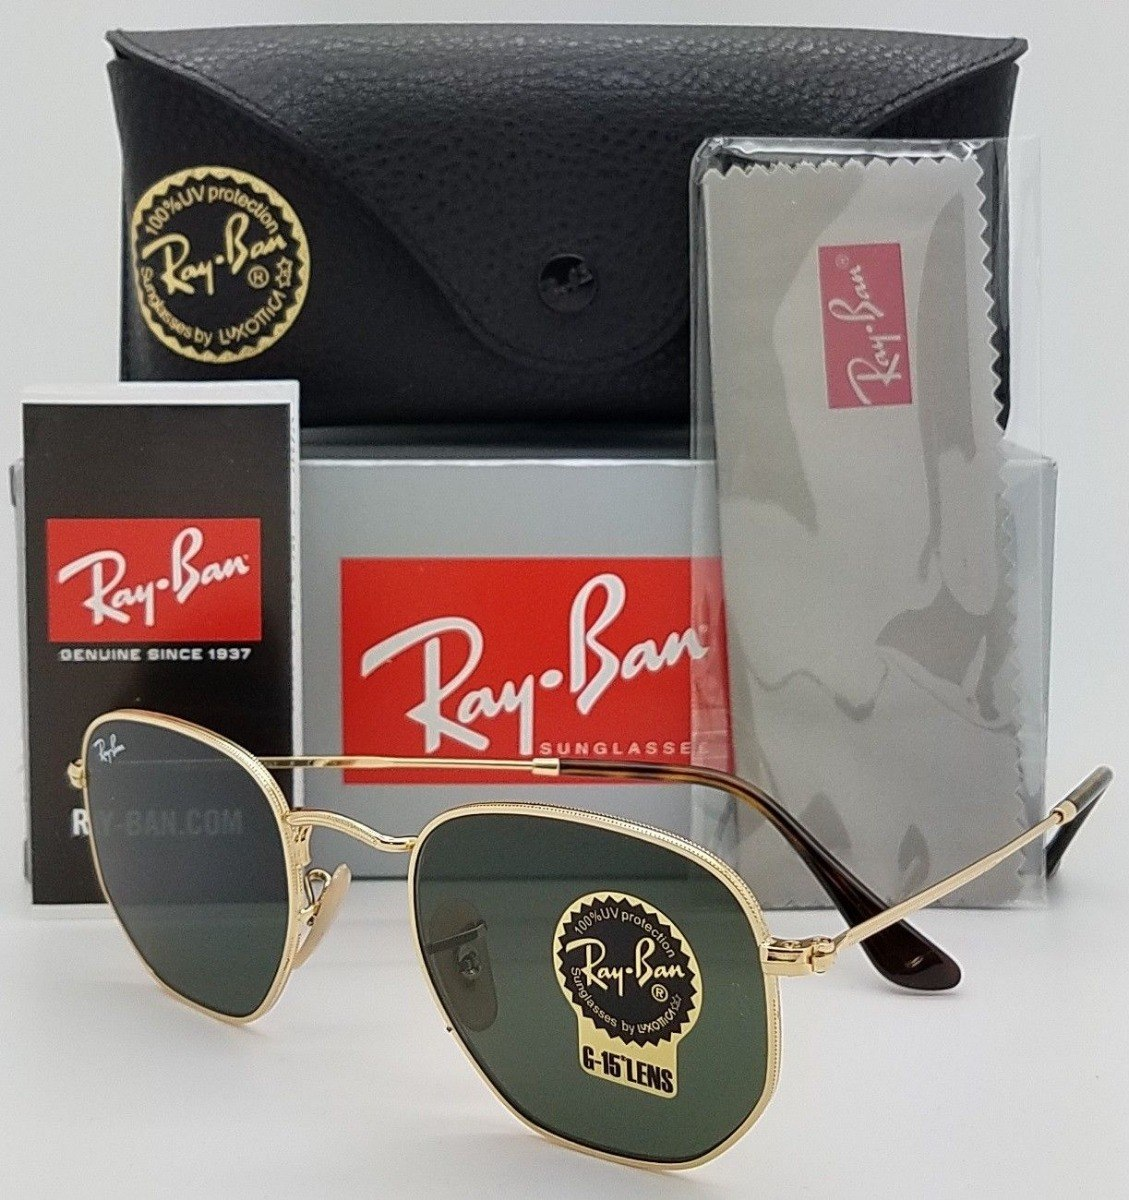 823d2e085fd1b Oculos De Sol Ray Ban Hexagonal Rb3548 Grande 54mm G15 - R  300,00 ...